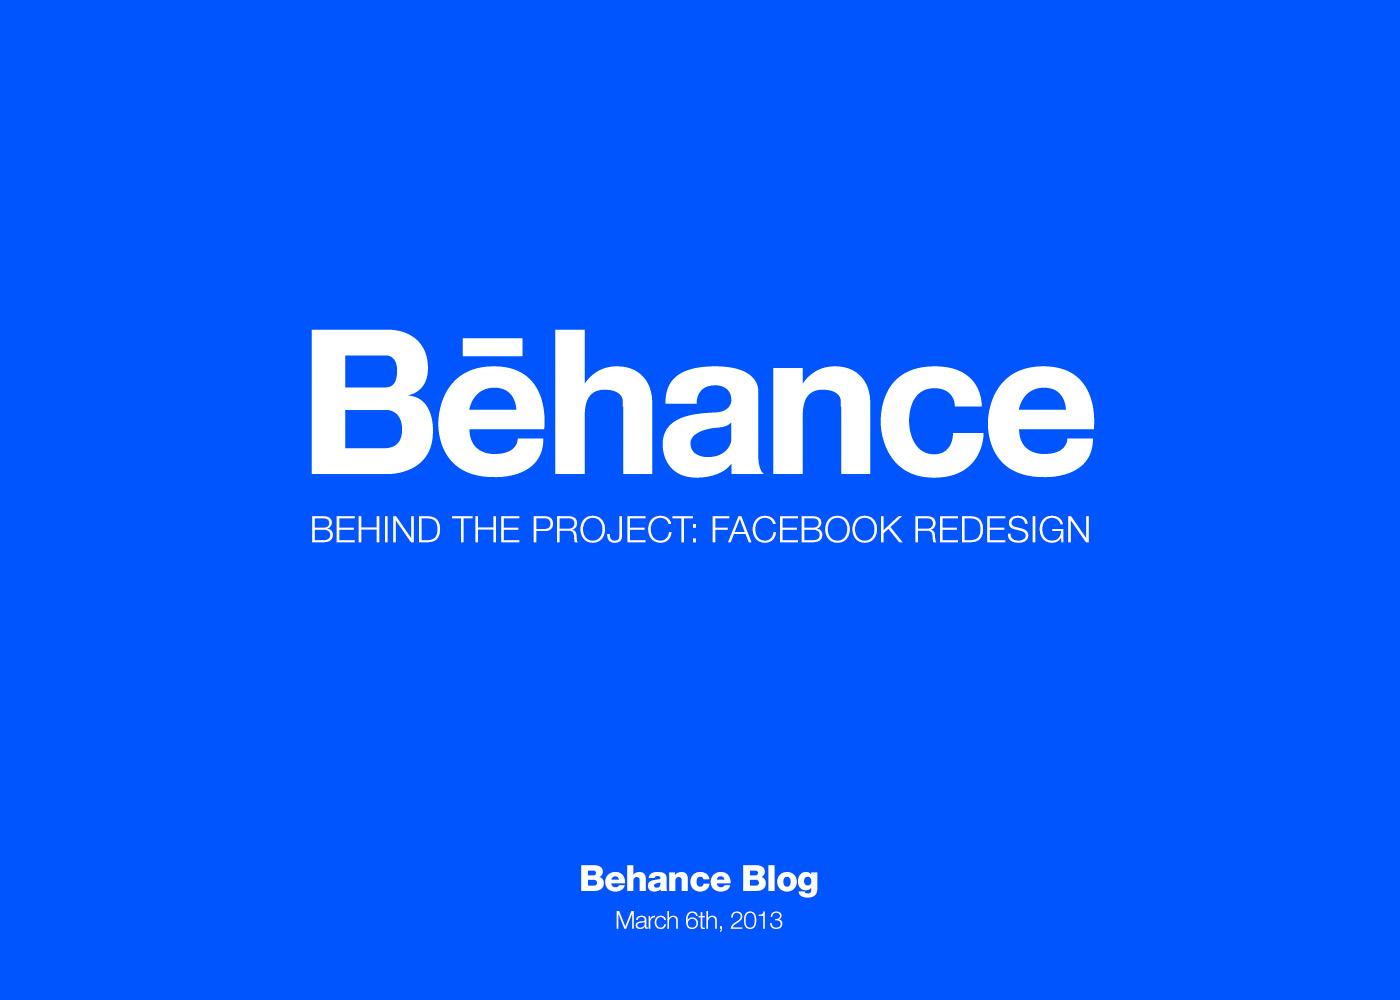 Behance-Facebook-article-1